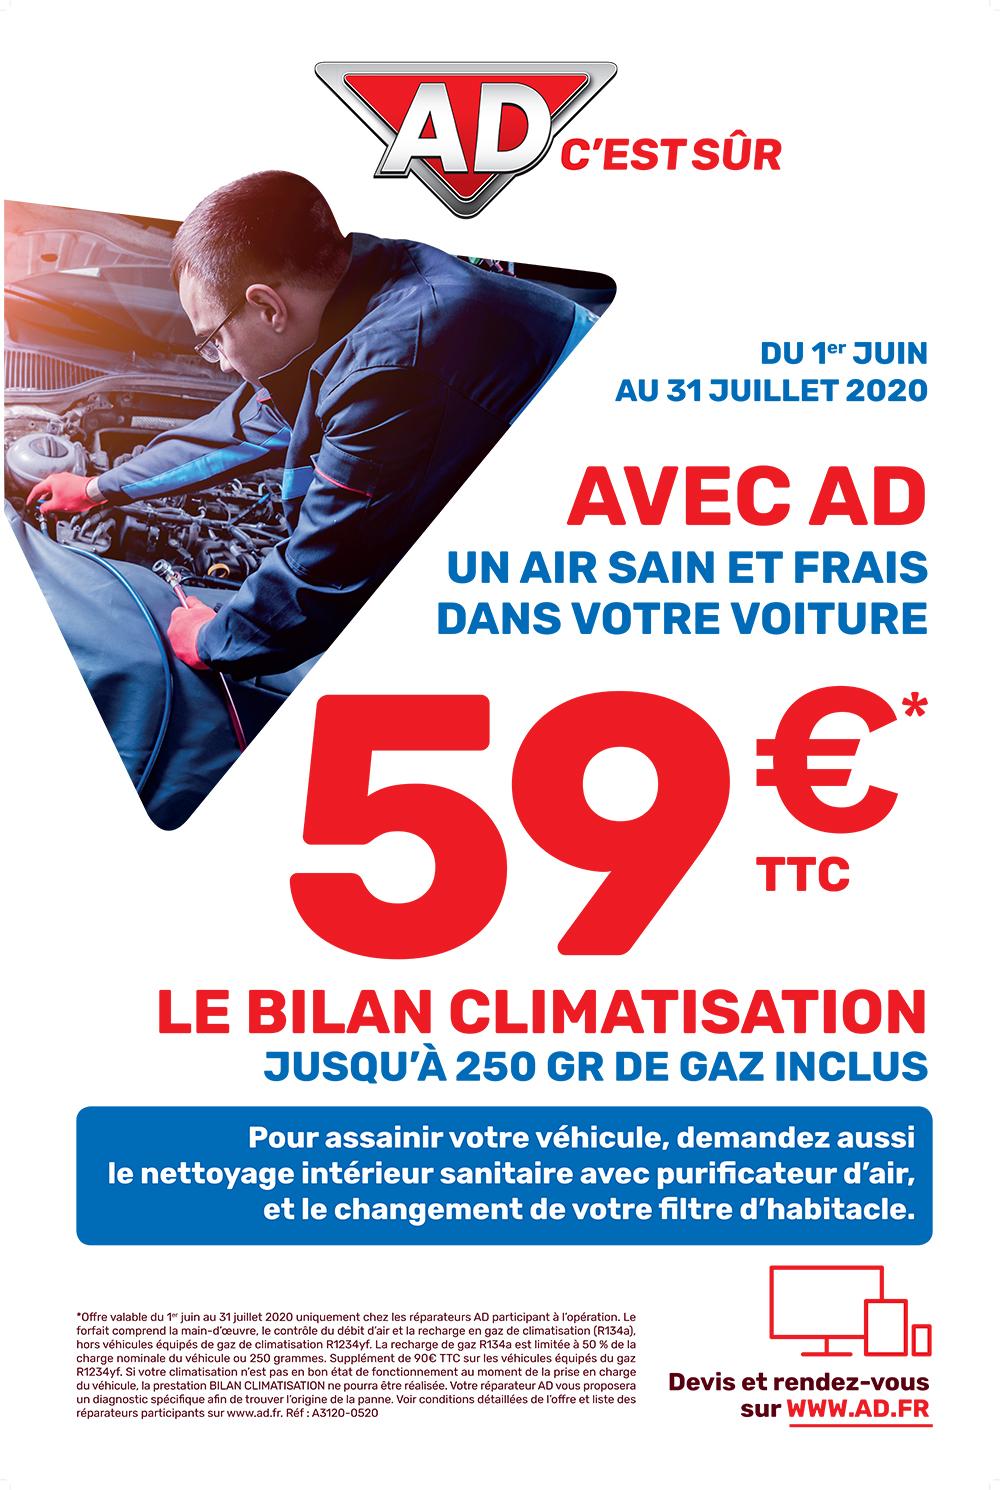 Avec AD Garage David, un air sain et frais dans votre voiture avec le bilan climatisation à partir de 59 euros du 1 juin au 31 juillet 2020